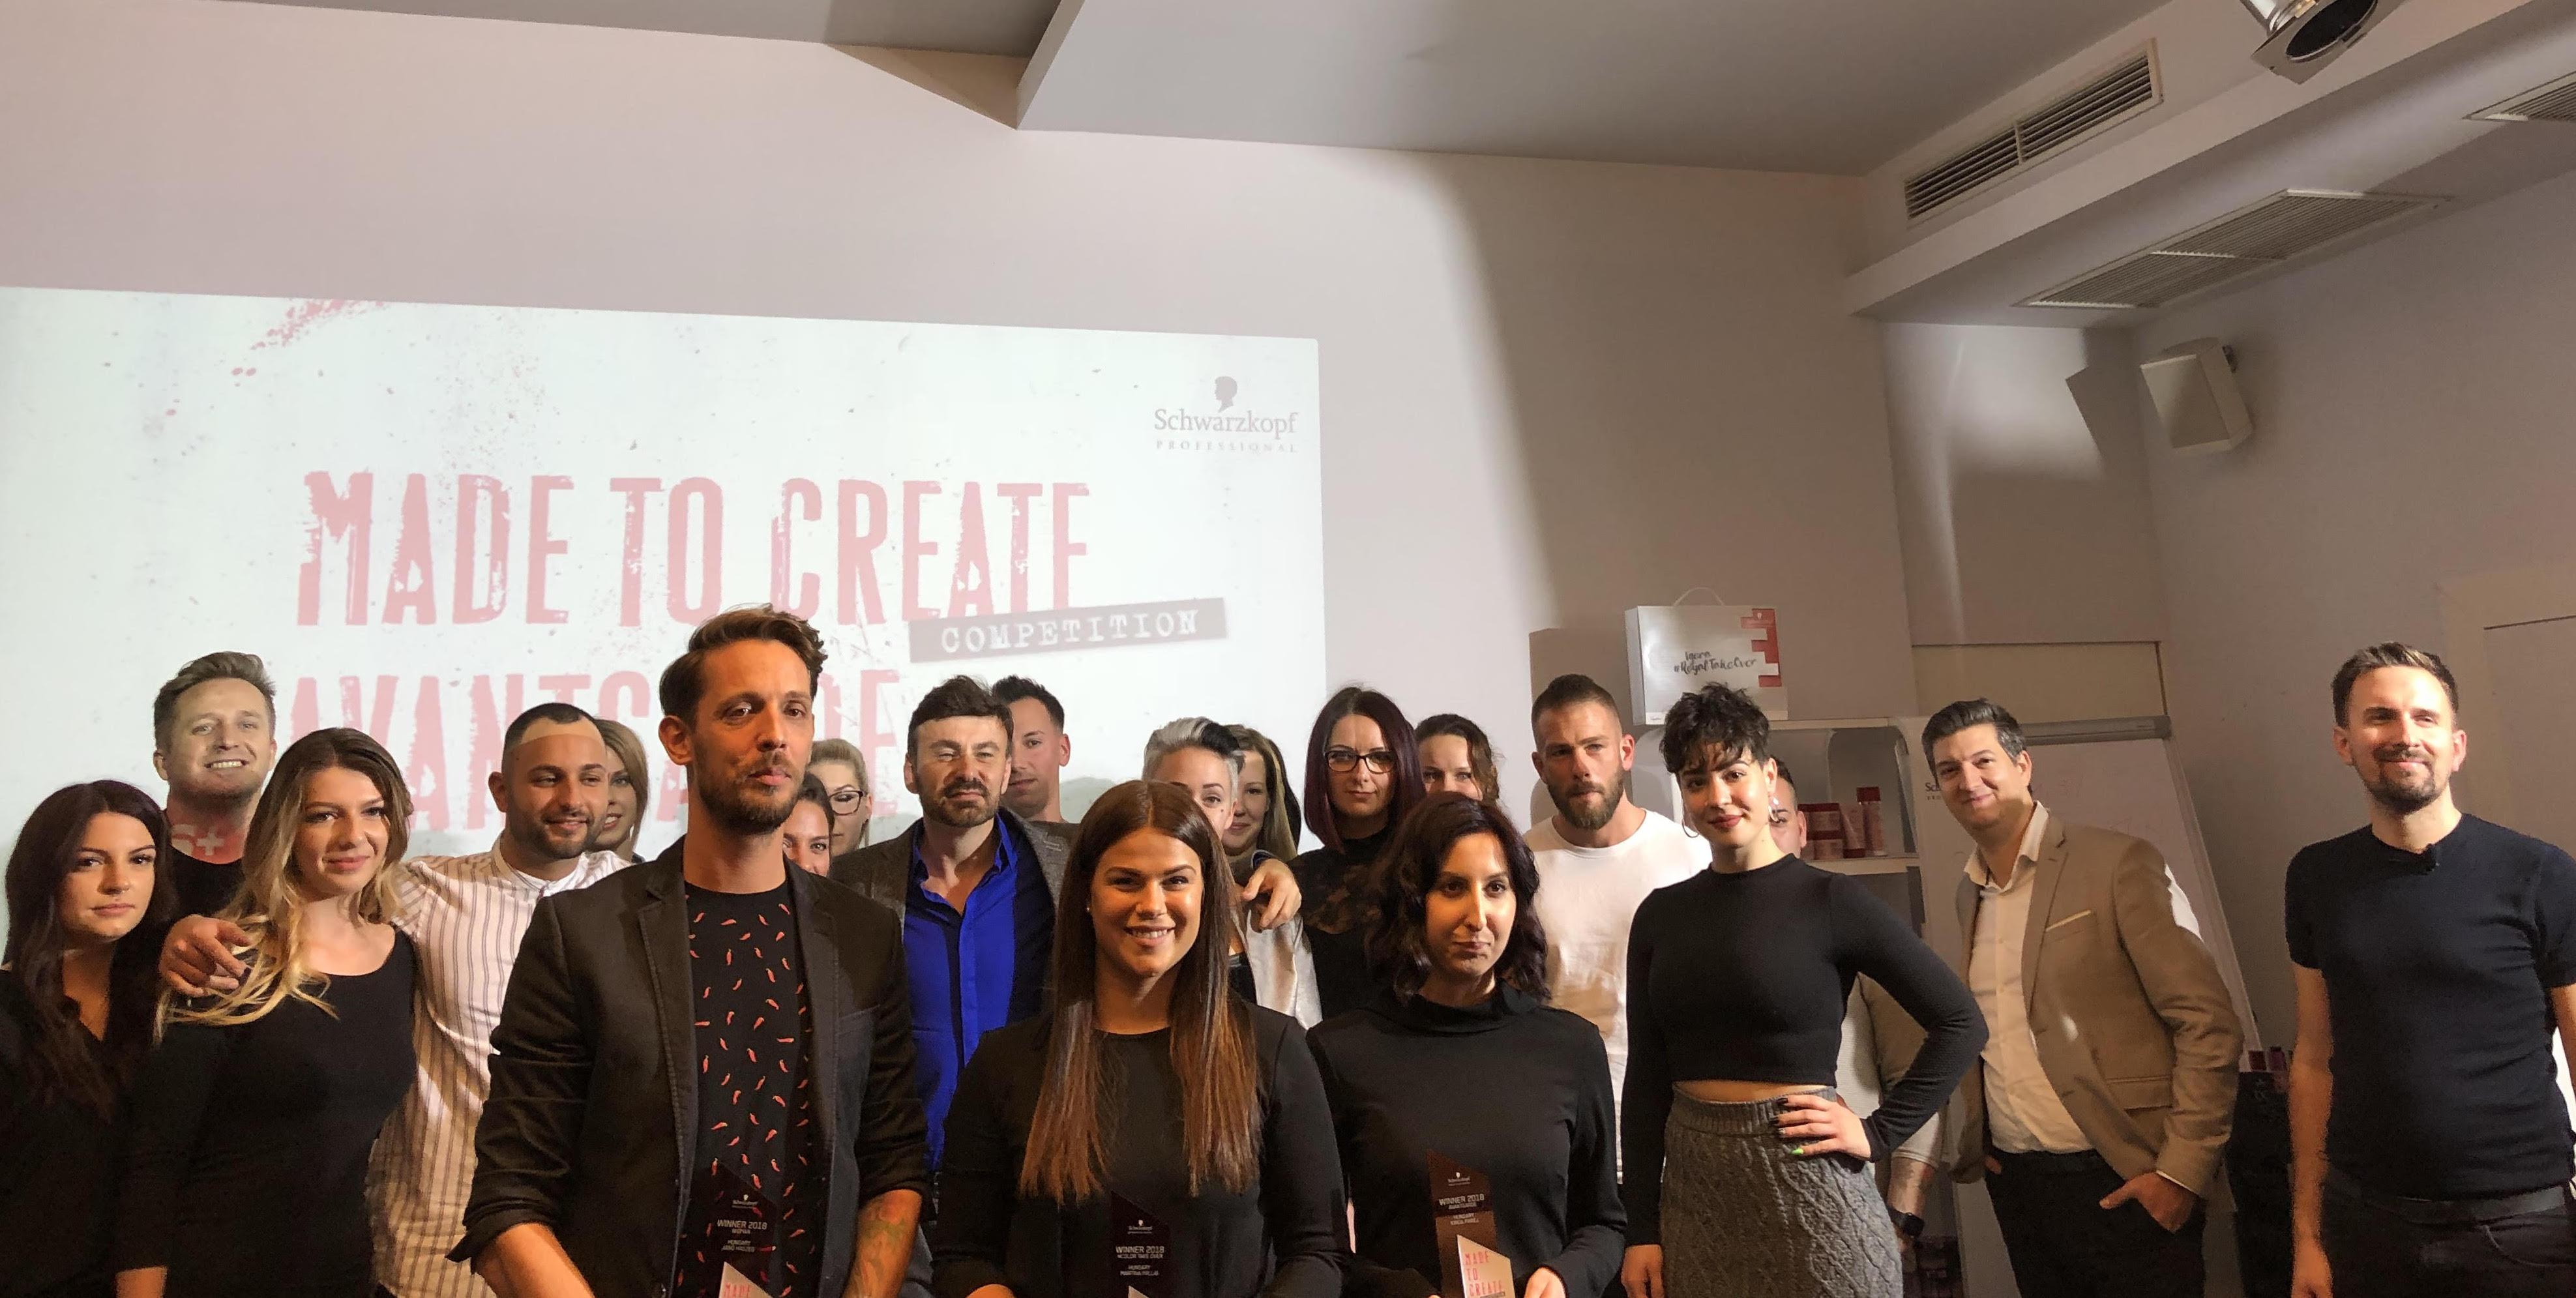 Az OSiS Made to Create fodrászverseny nemzetközi fotópályázatának magyarországi győzteseit ünnepélyes keretek között hirdette ki a Schwarzkopf Professional. A versenyzők 3 kategóriában pályázhattak: Női, Avantgárd és #RoyalTakeOver. A beérkezett fényképes pályamunkákat végül egy 32 tagú nemzetközi zsűri online szavazás keretein belül birálta el.